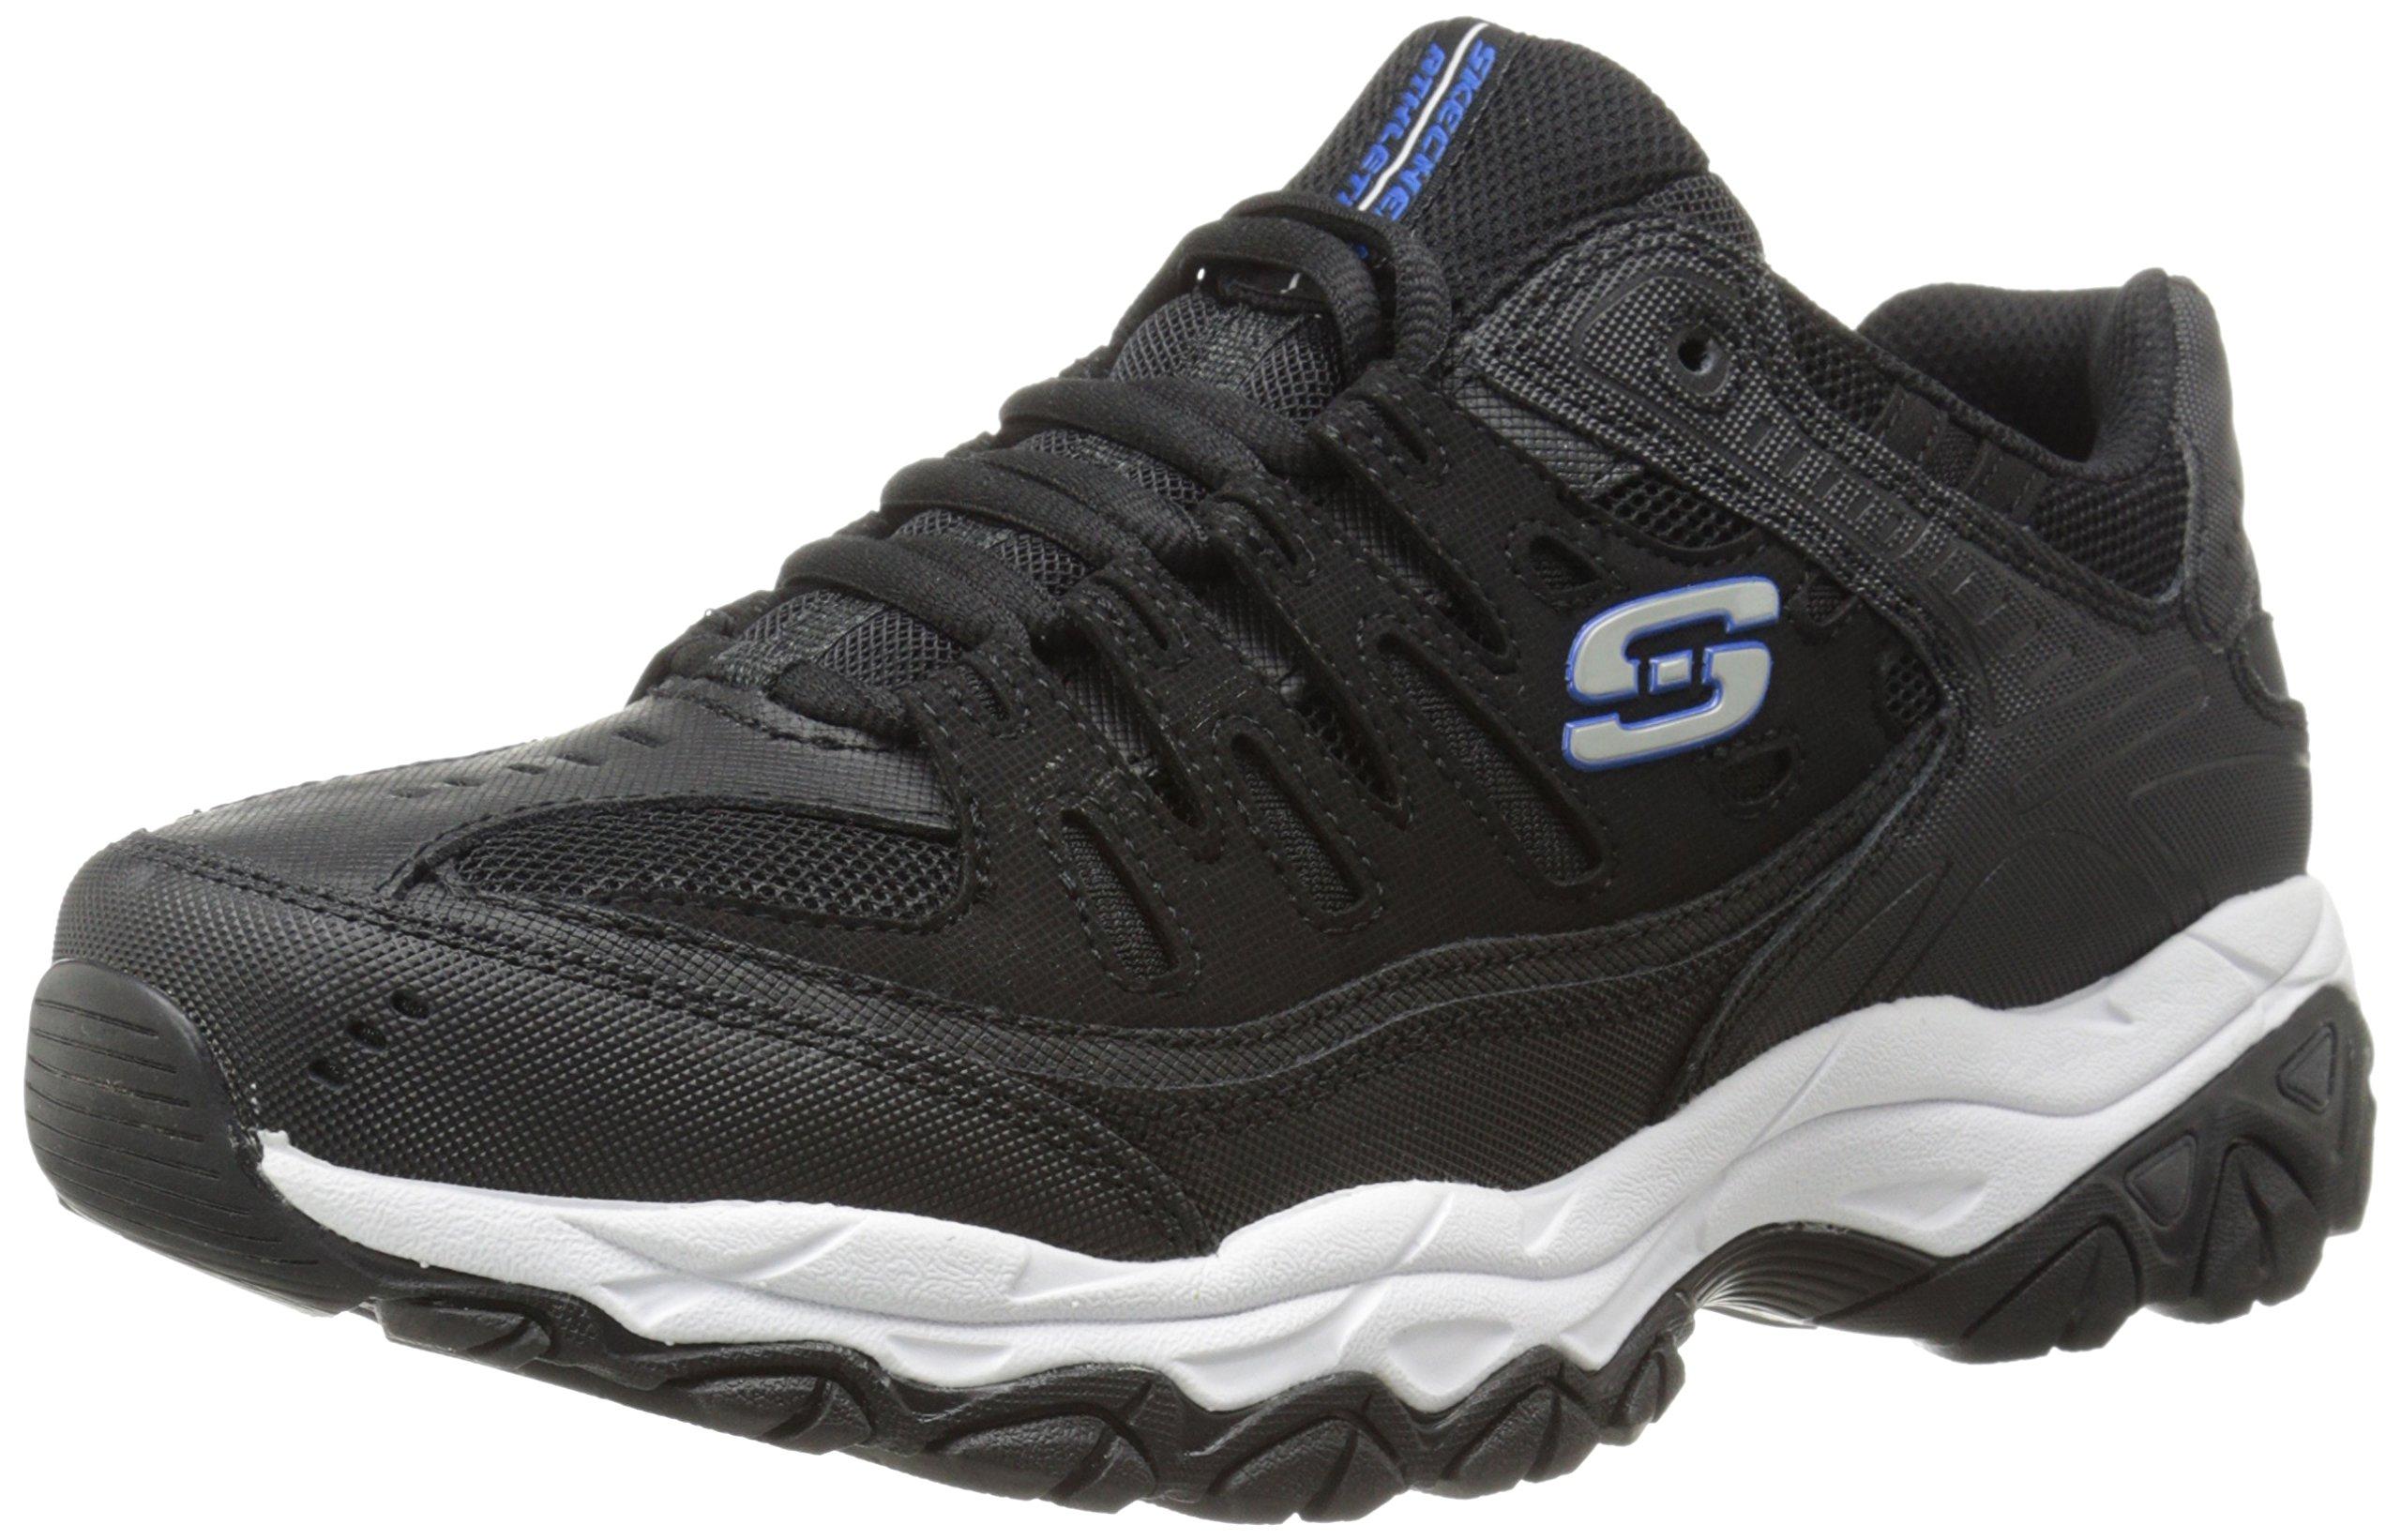 Skechers Sport Men's Afterburn Memory Foam Lace-Up Sneaker, Black/Royal, 11.5 M US by Skechers